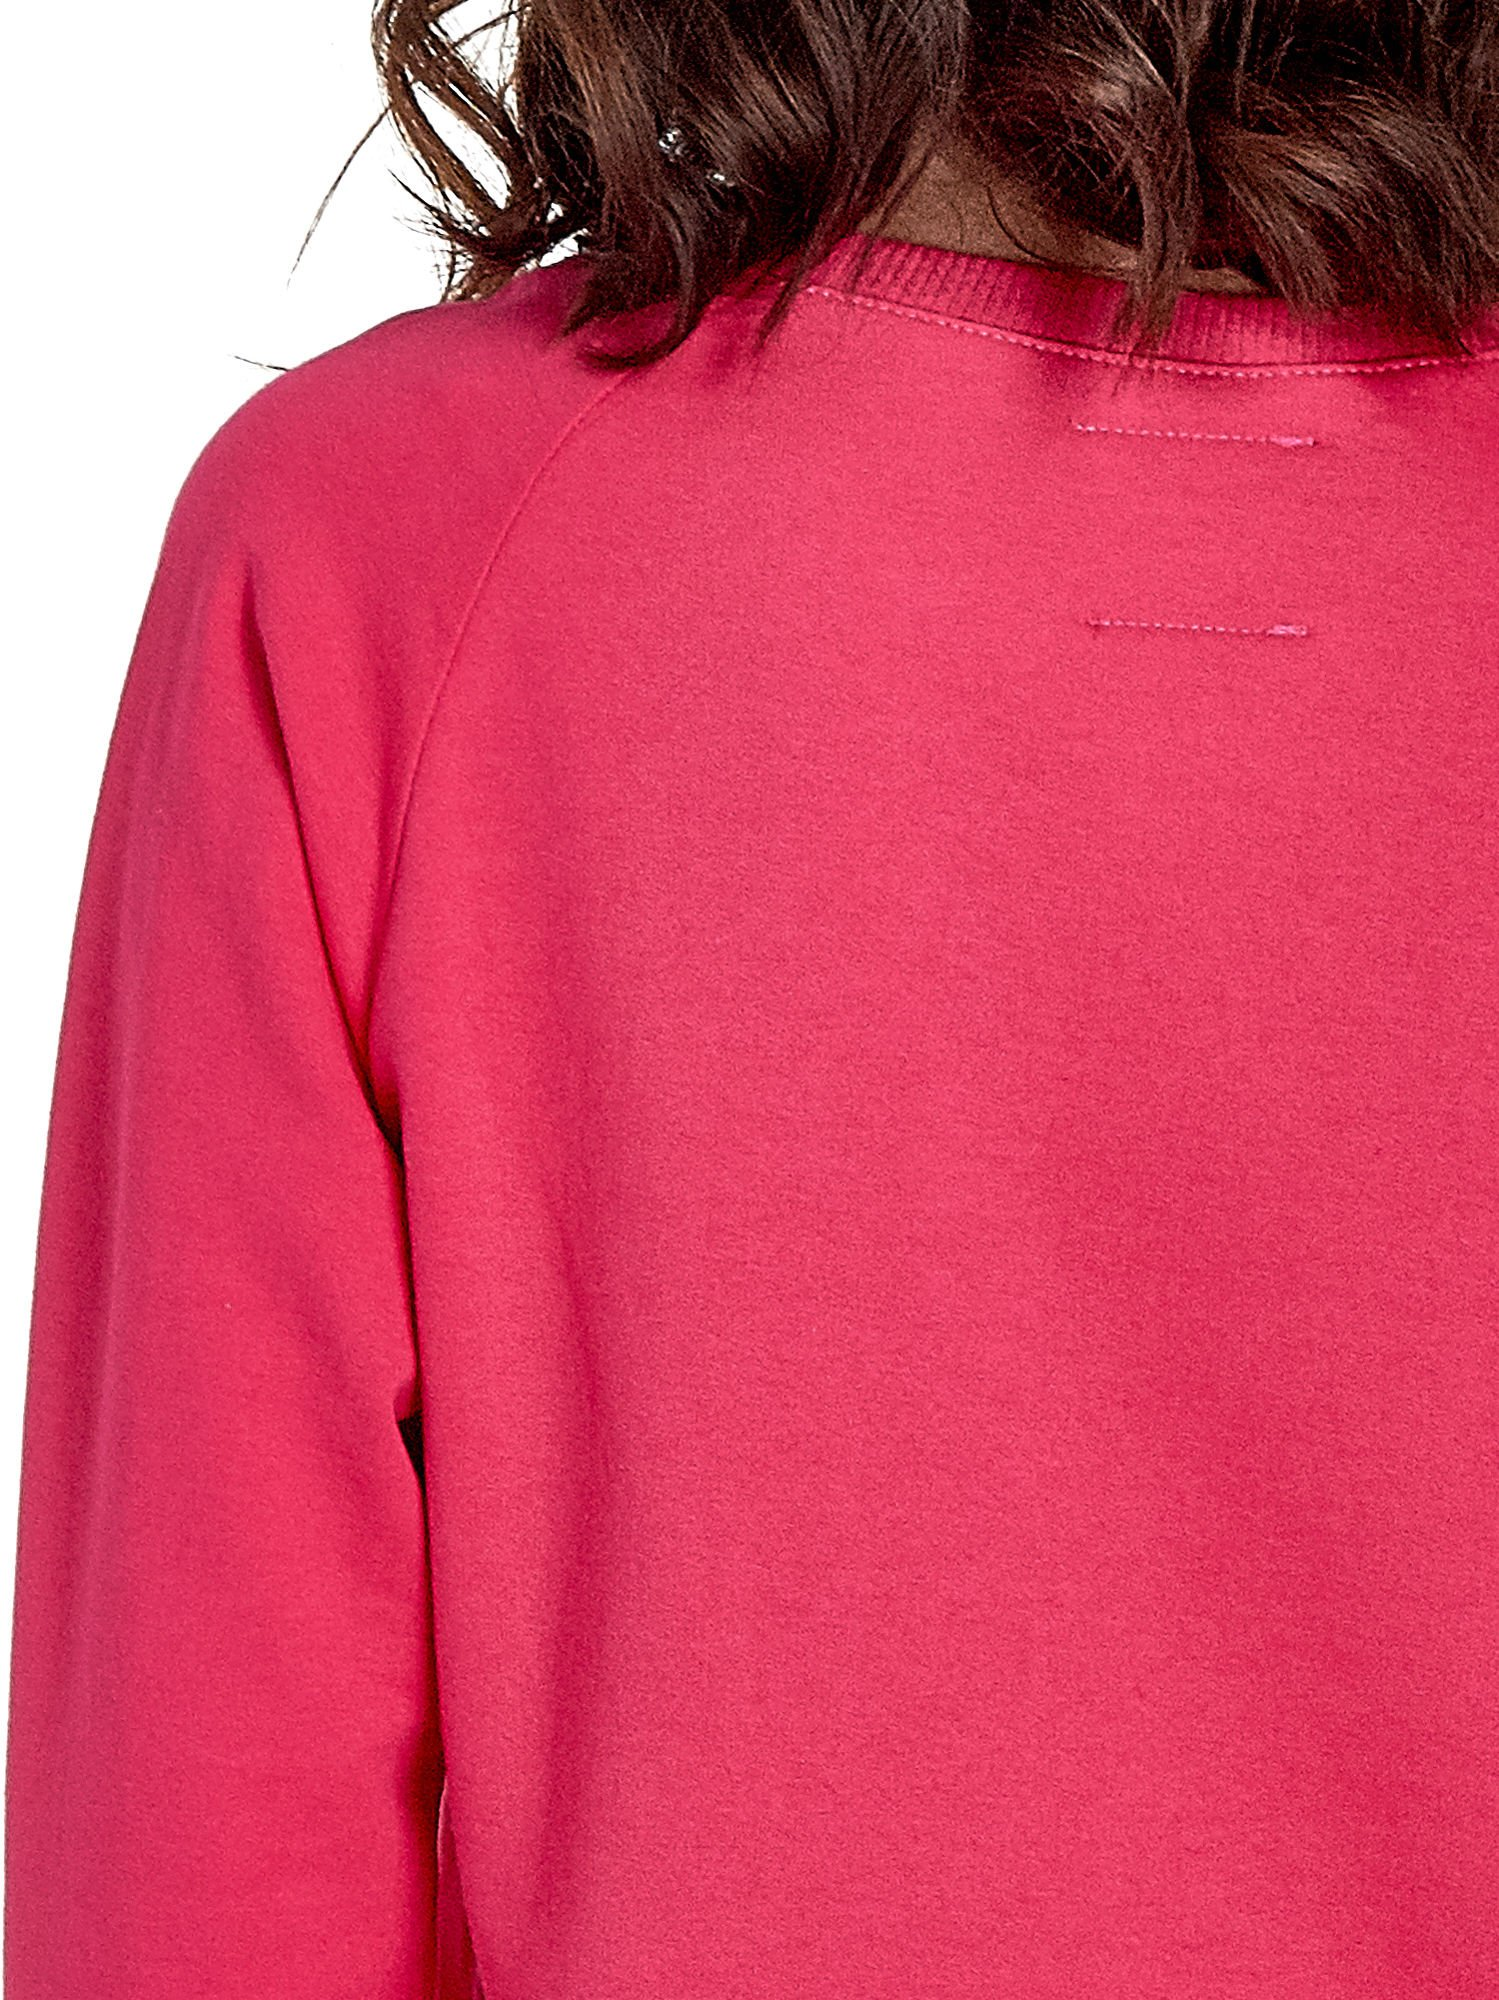 Różowa klasyczna damska bluza z napisem LOVE IS EVERYTHING                                  zdj.                                  6